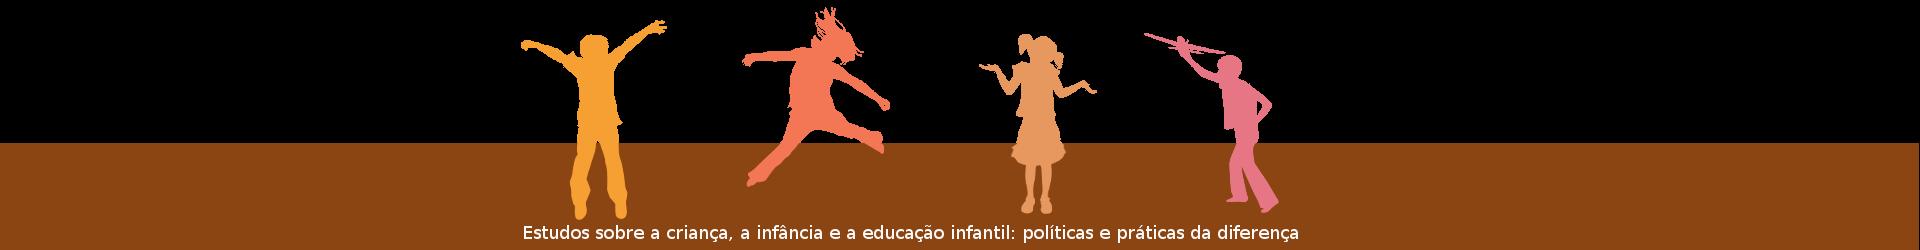 Crianças e Infâncias